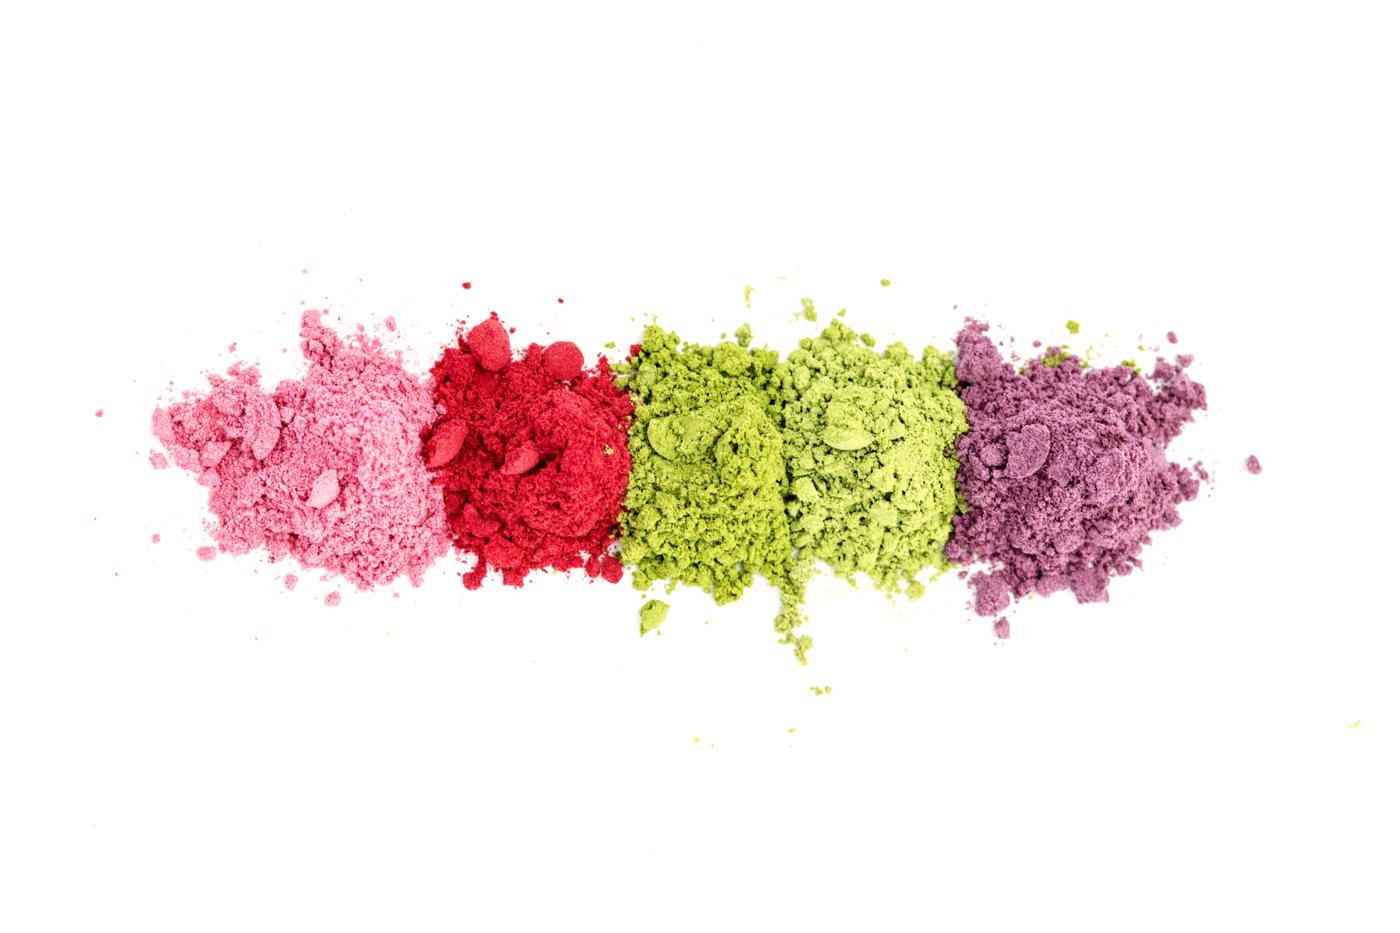 【定期購入 30食分/30日毎】#mix salad powder type